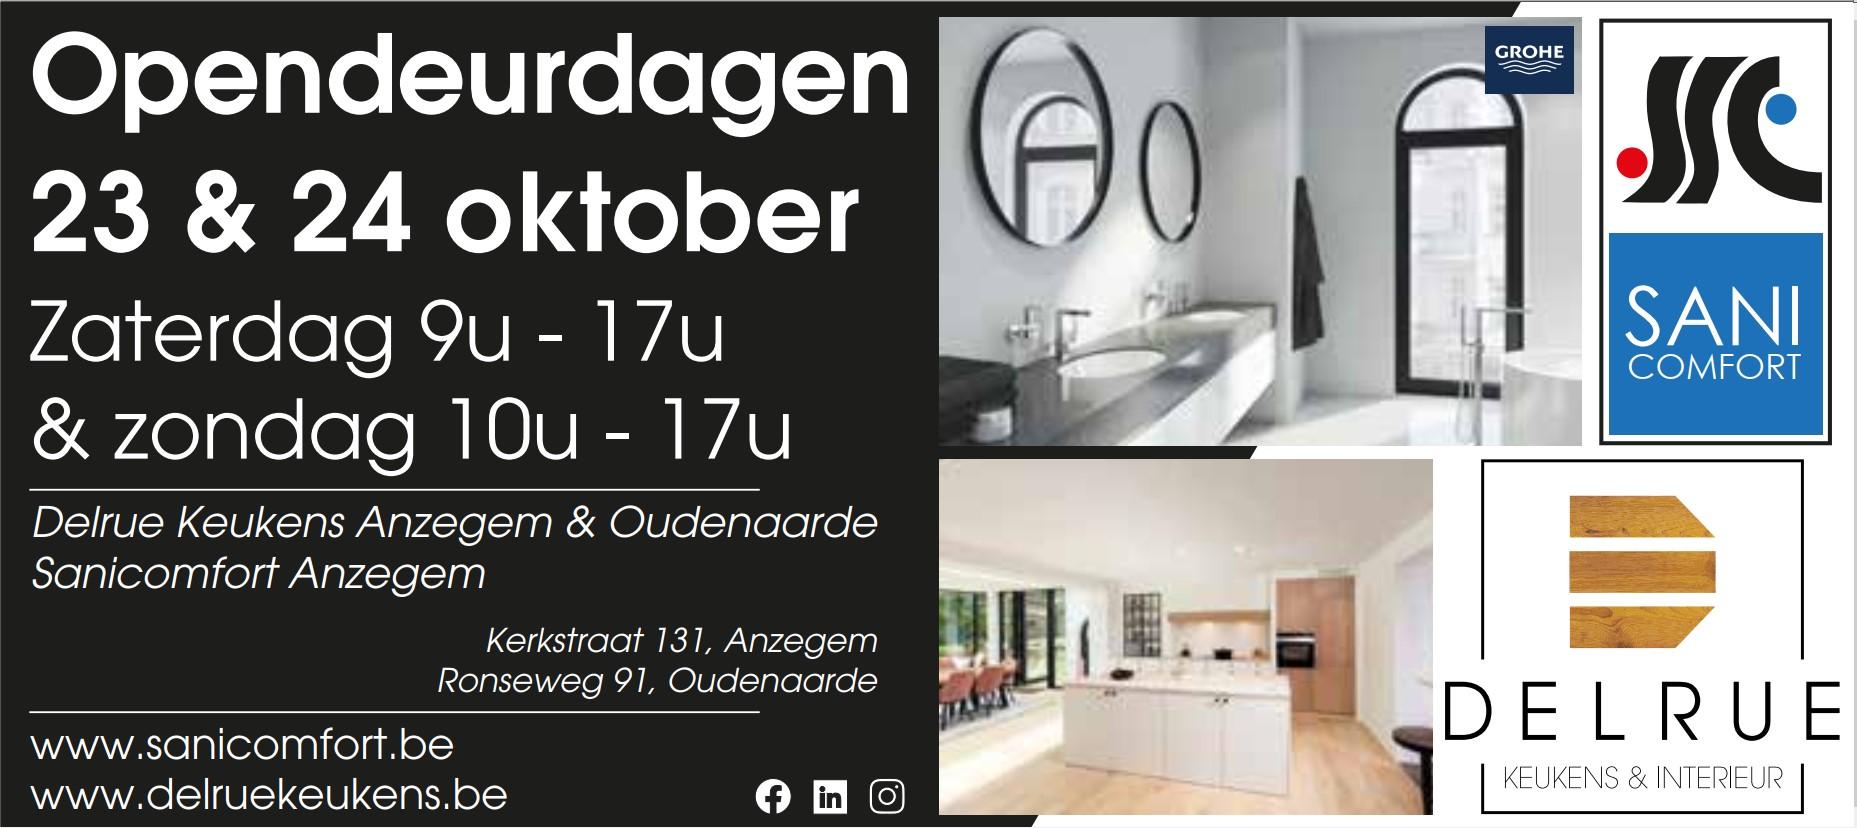 Opendeur oktober 2021